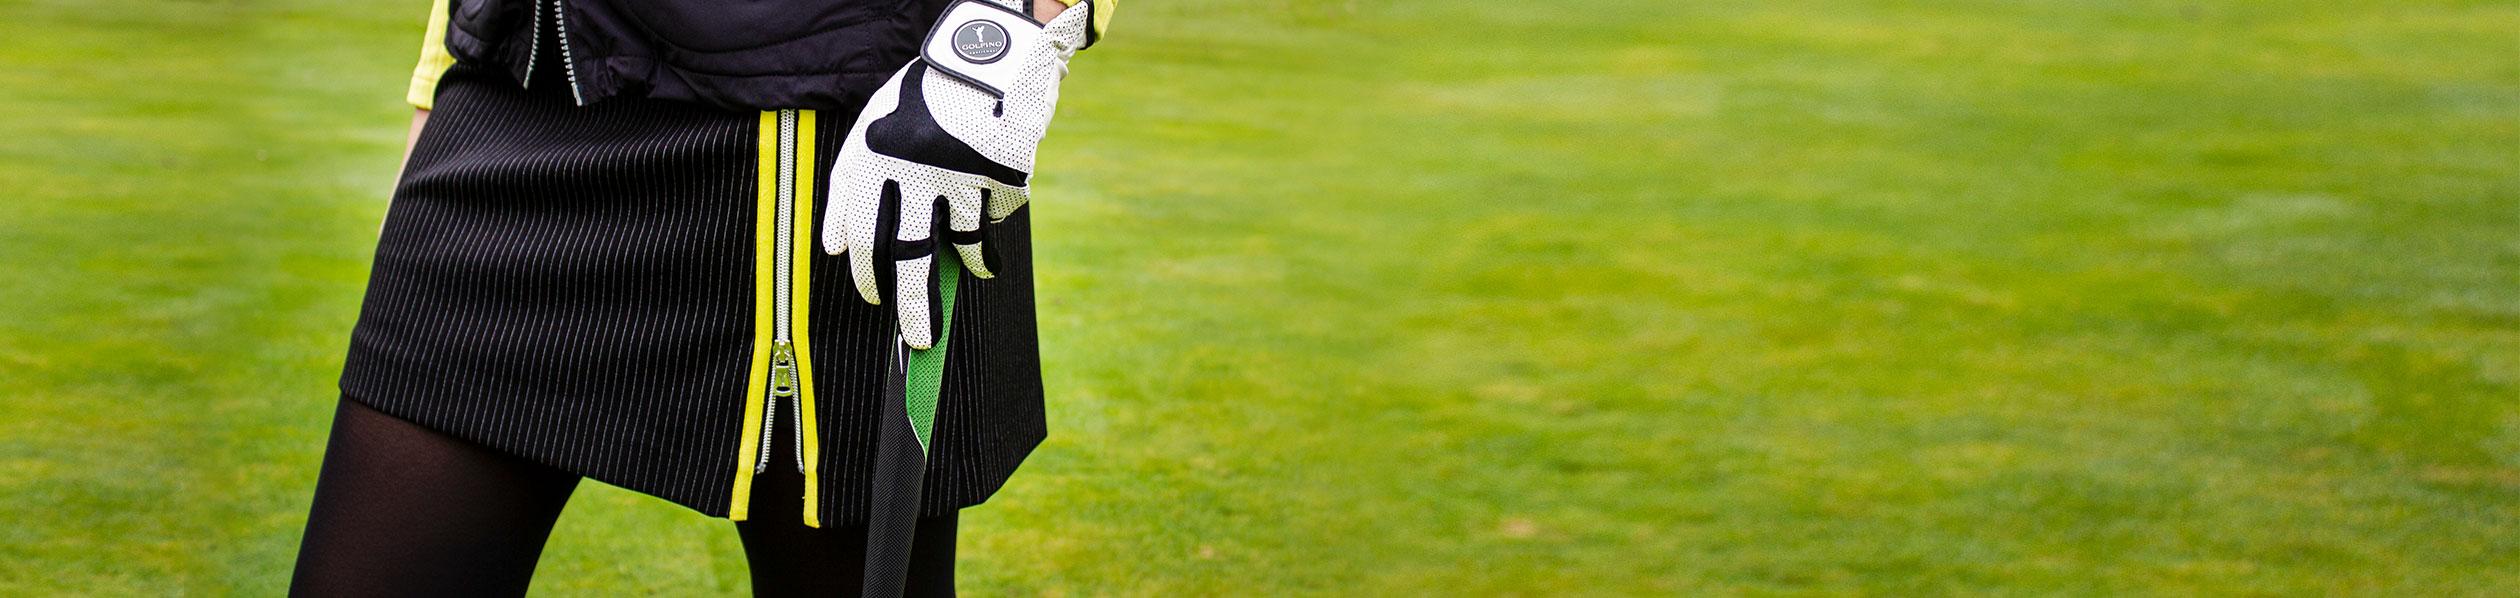 Golfröcke